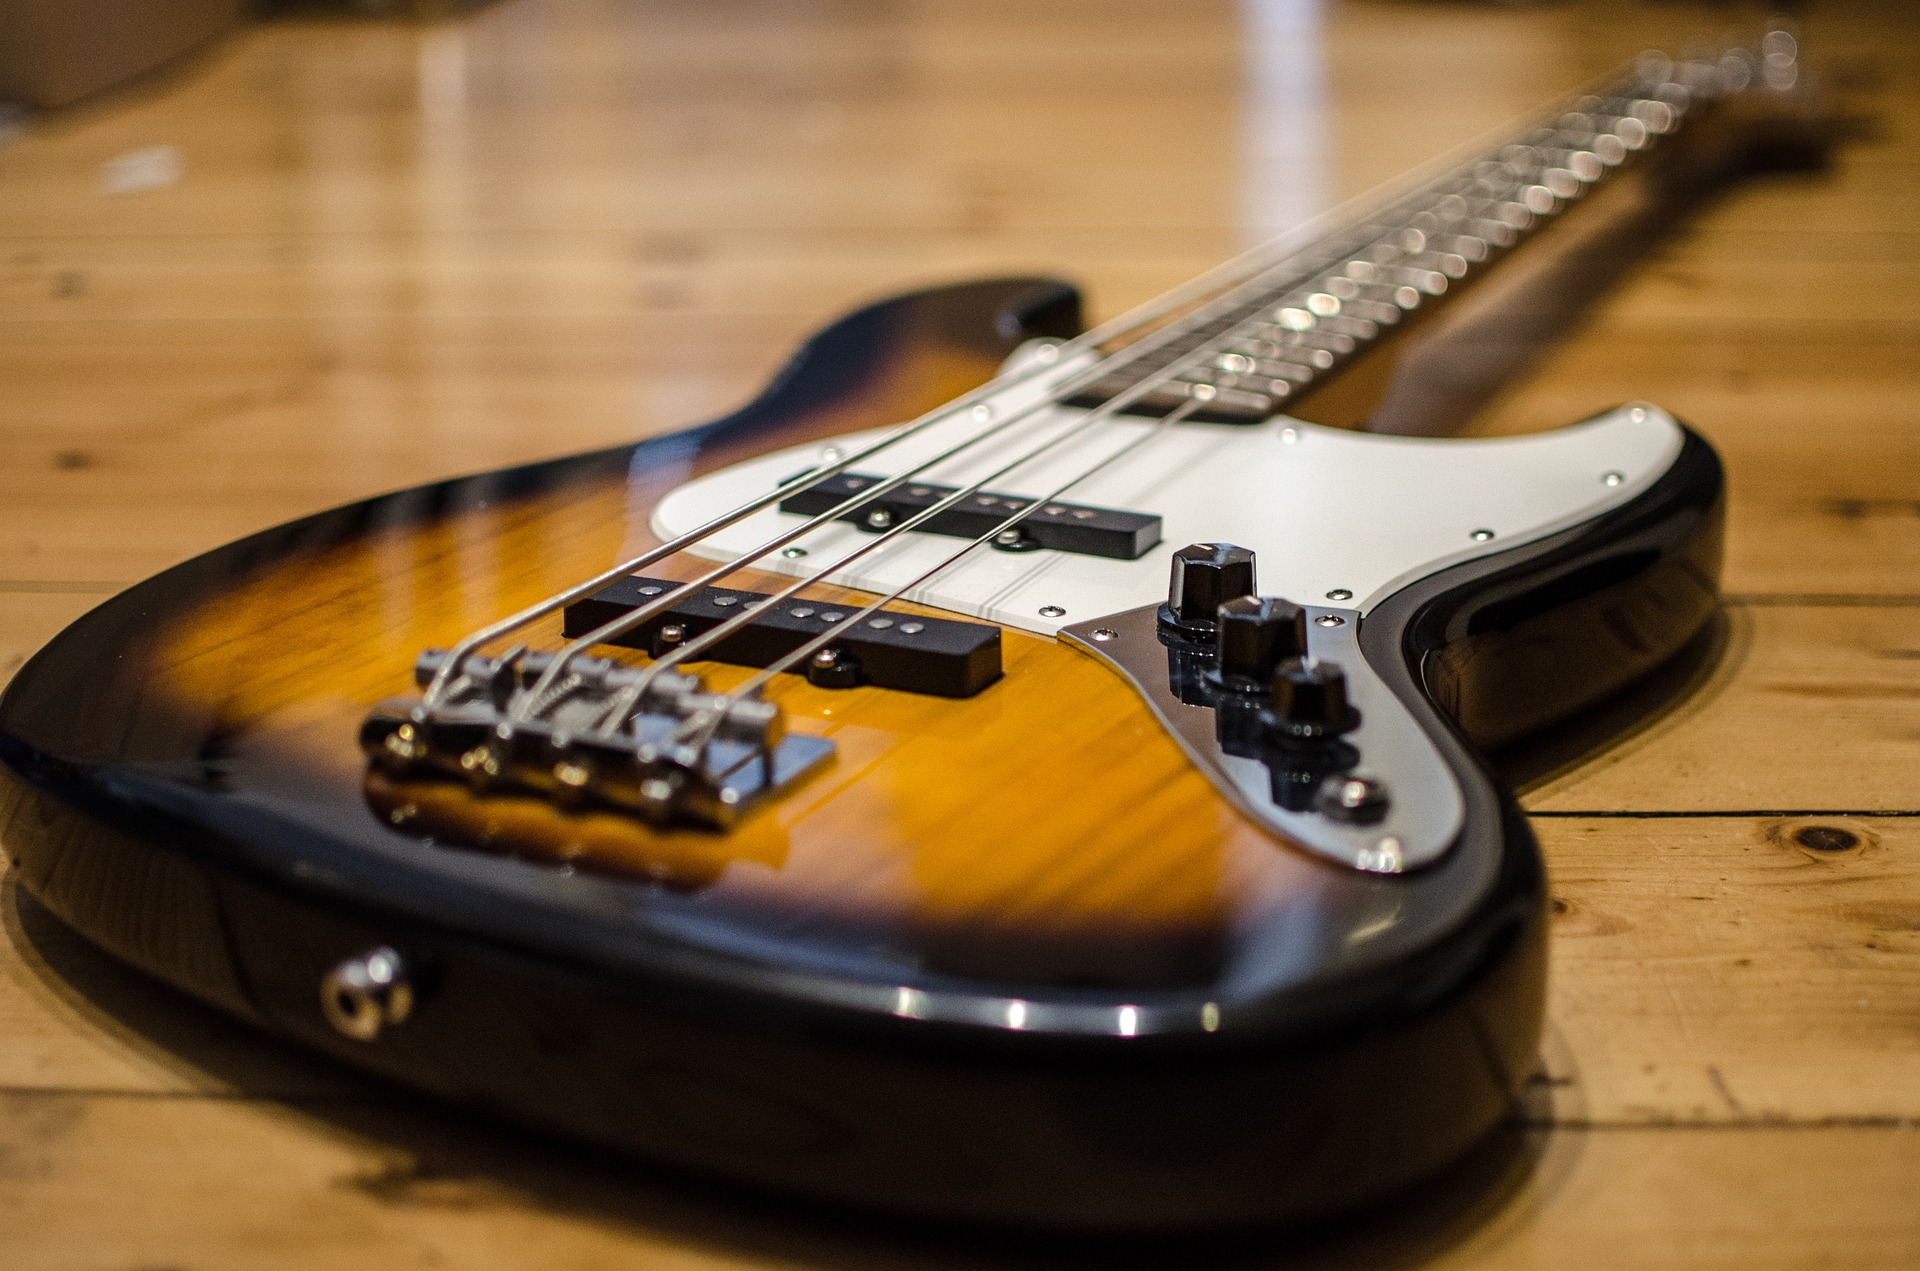 中古のギターやベースってどうなの?買う時にチェックするべき項目をまとめてみたよ